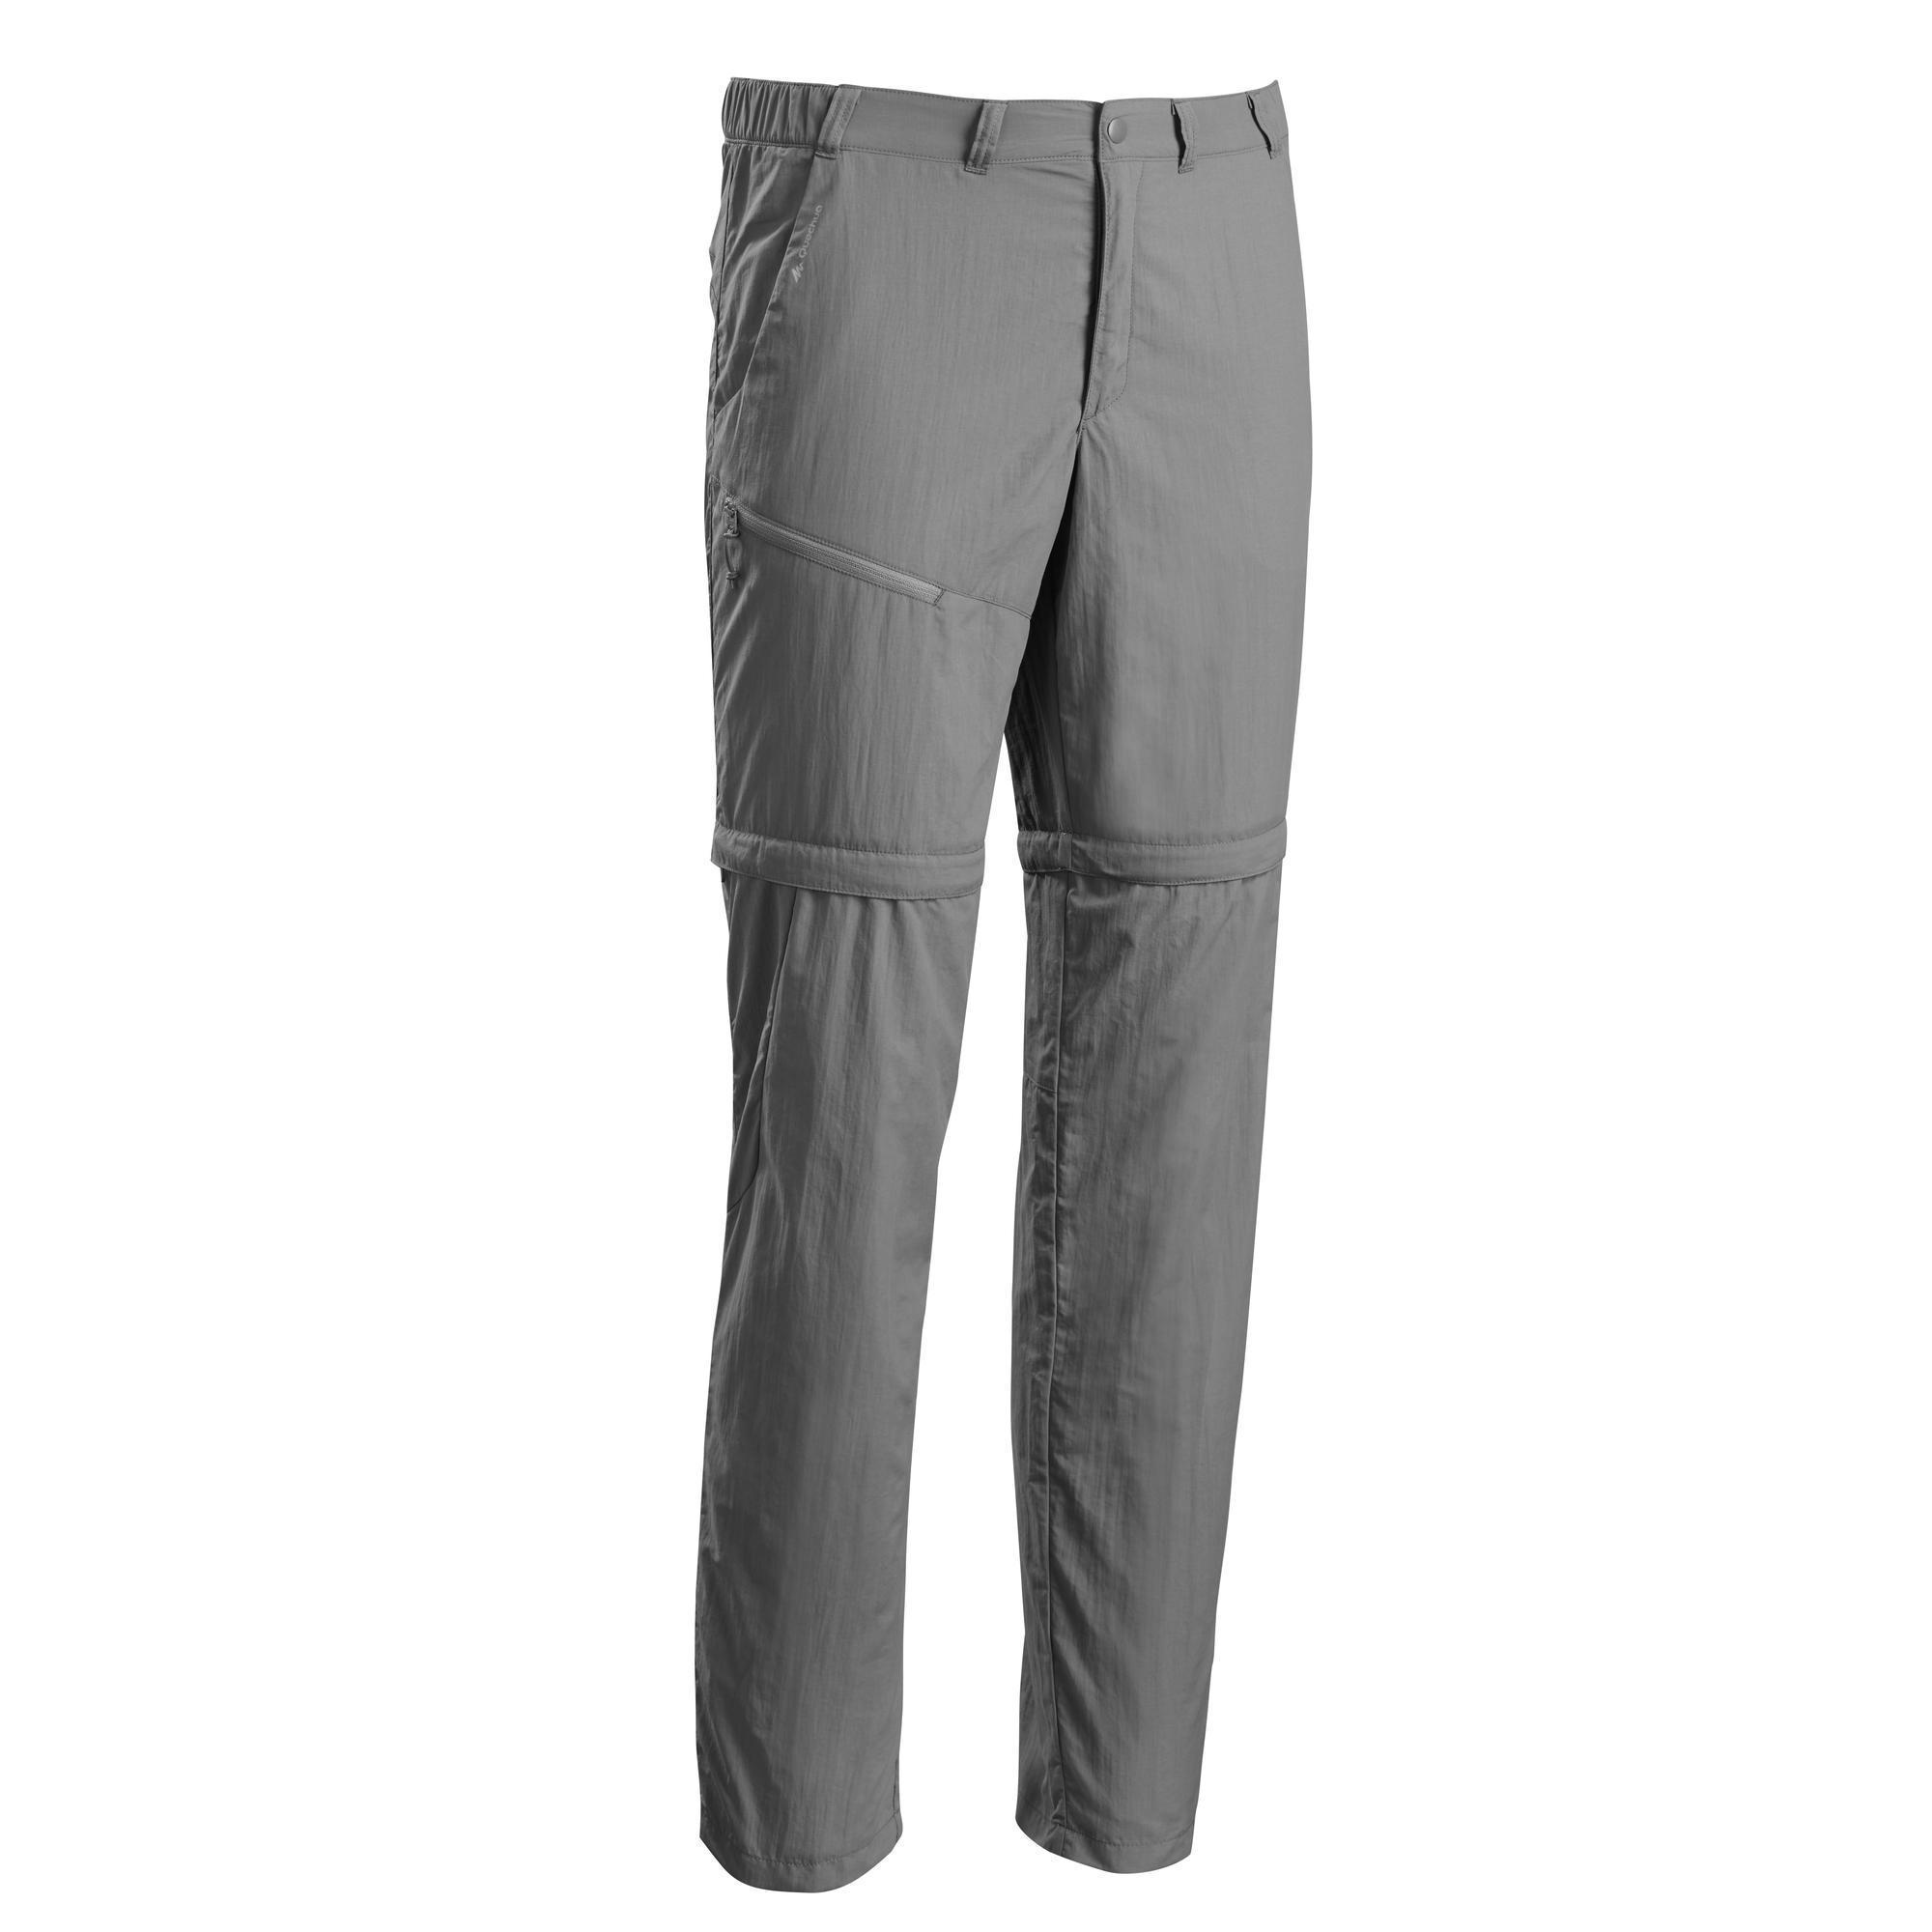 Pantalon de randonnée montagne mh150 modulable homme gris quechua